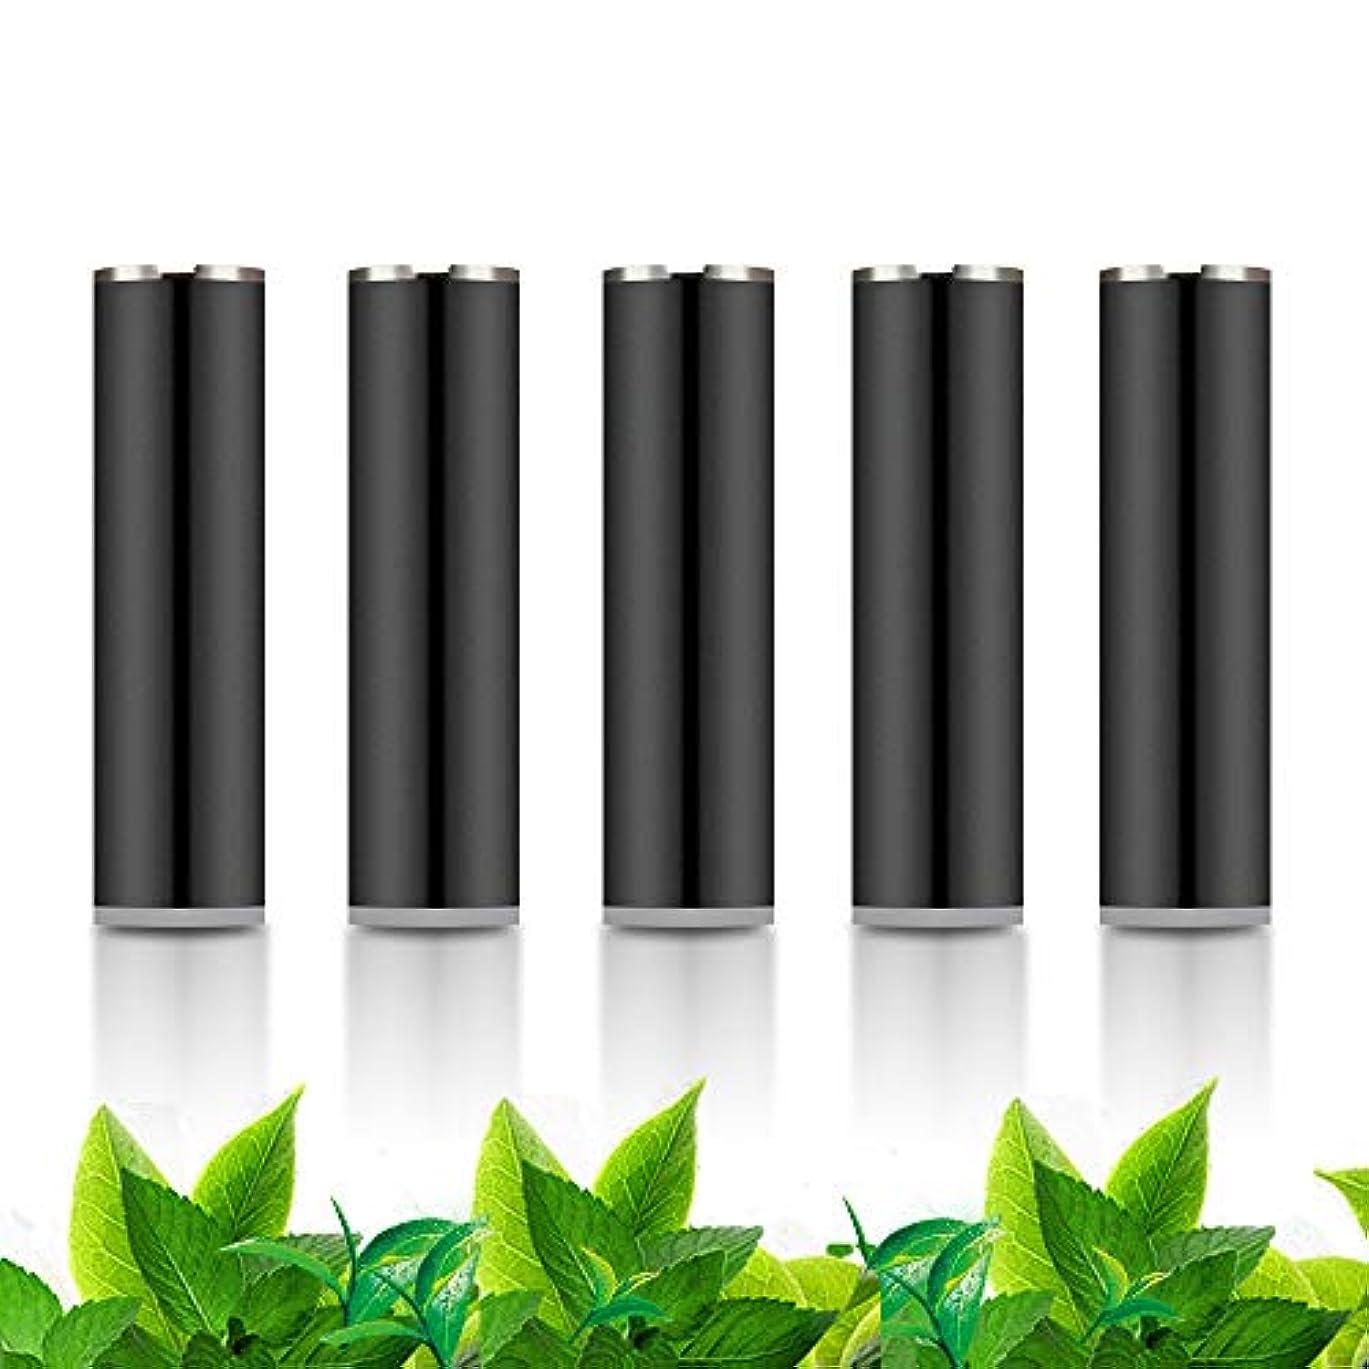 ドールいろいろ動くプルームテック 互換用カートリッジ Eonfine ploomtech 互換カートリッジ 電子タバコ 5本入り(メンソール味)